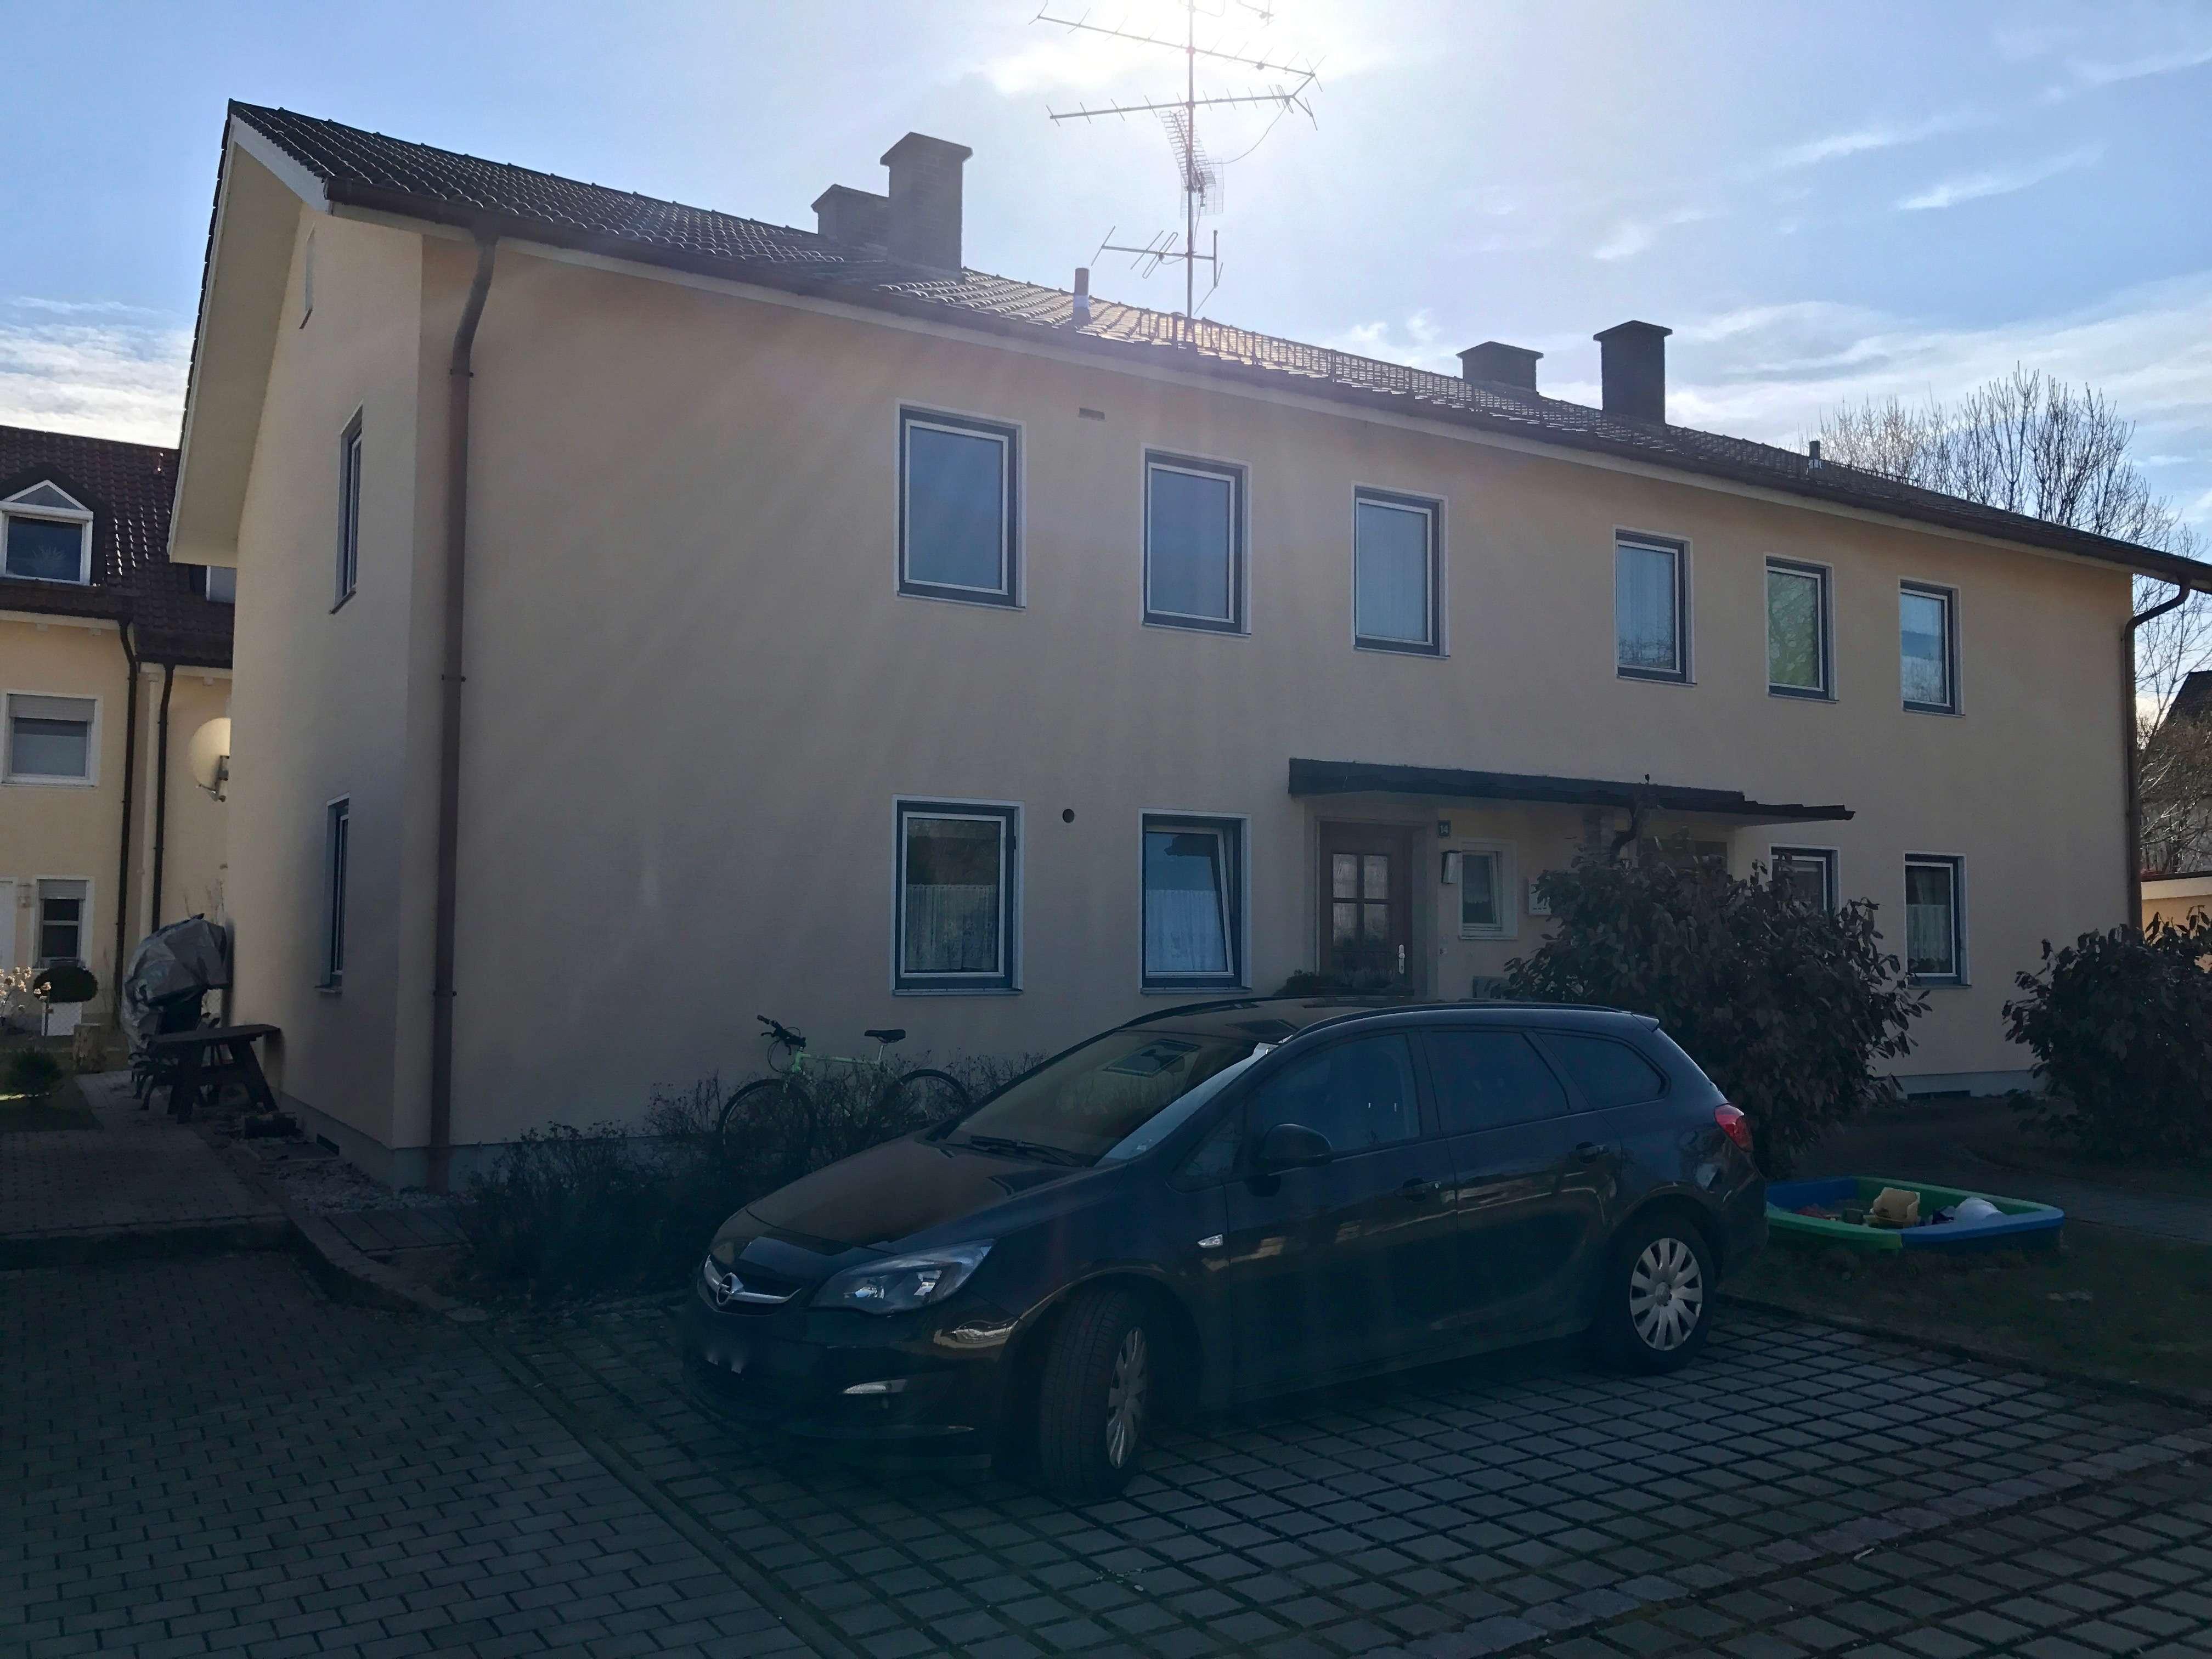 Stadtnahe helle 3-Zimmer Wohnung mit Balkon im Würmtal (zwischen München und Starnberg)